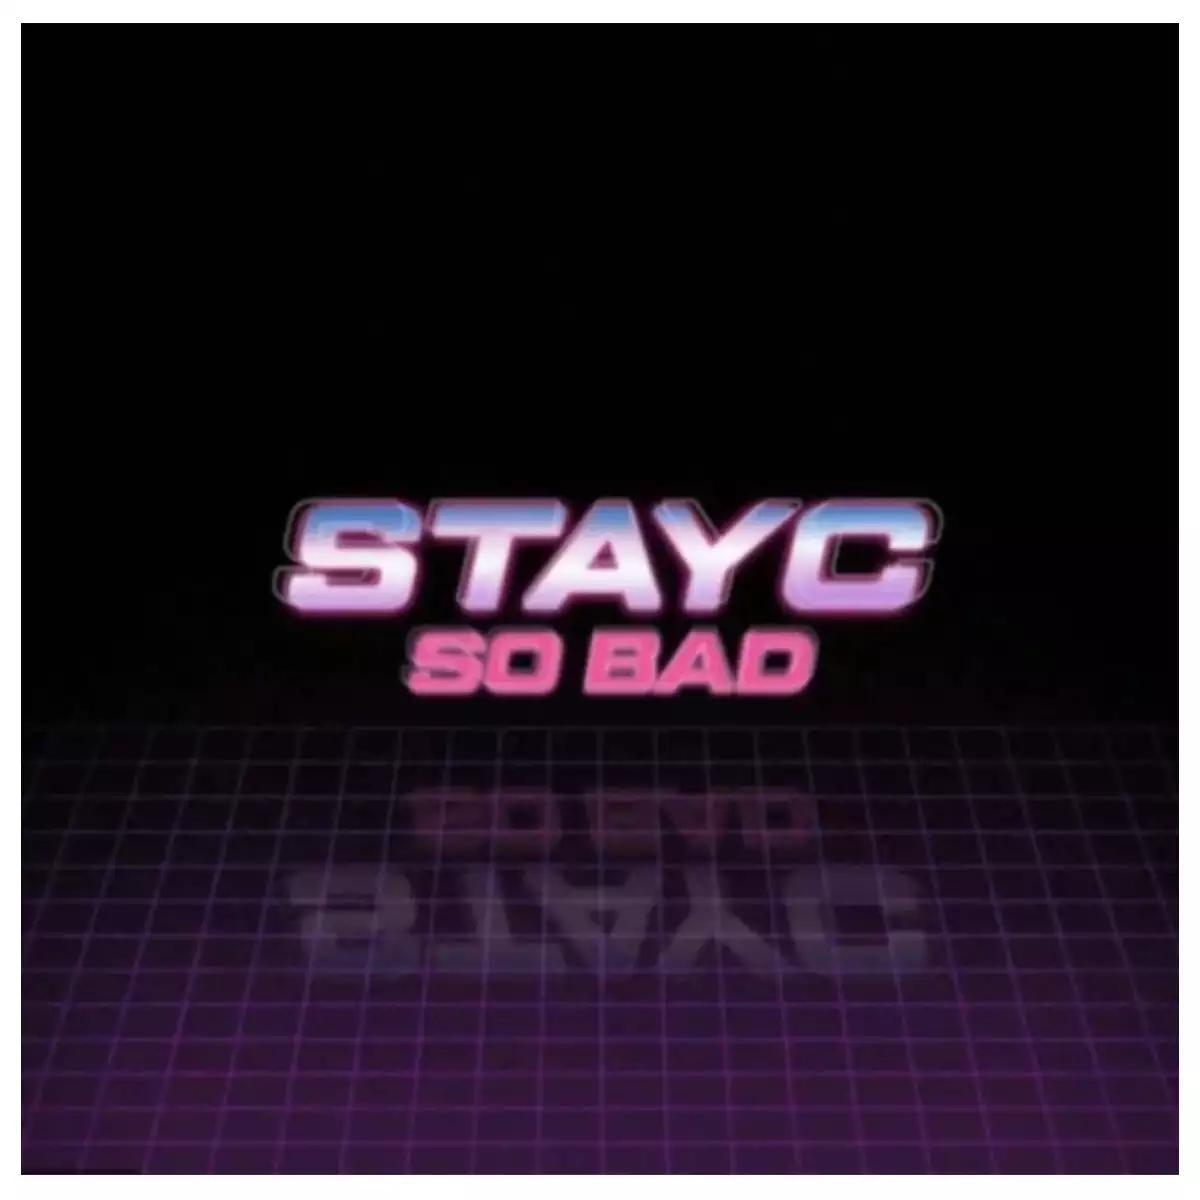 新女团STAYC音源公开仅一天,专辑封面就遭下架更换?